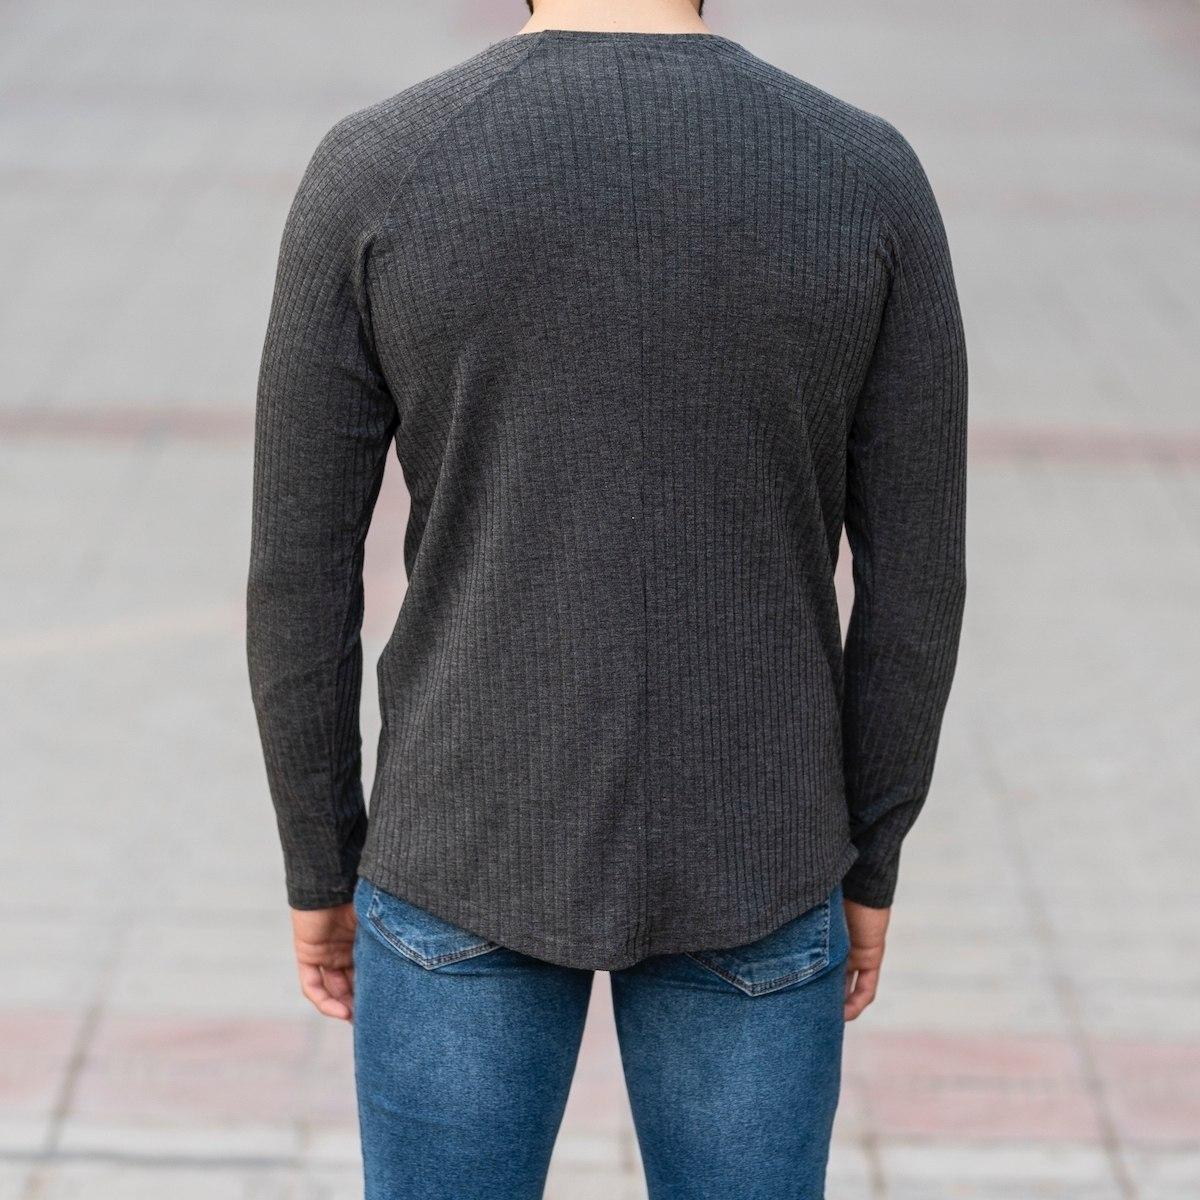 Gray Sweatshirt With Stripe Details Mv Premium Brand - 5